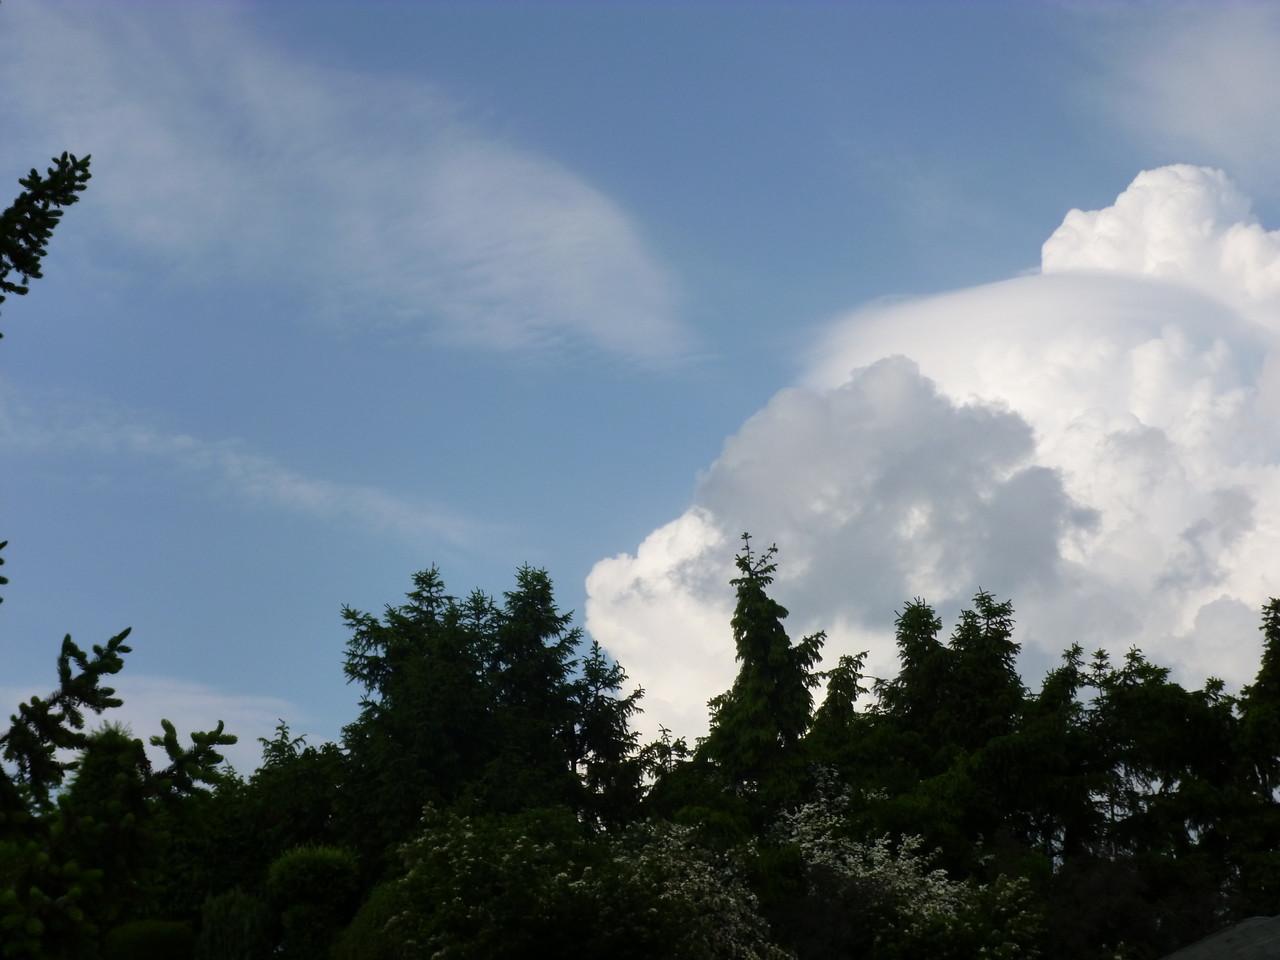 Hinauf zu den Wolken...